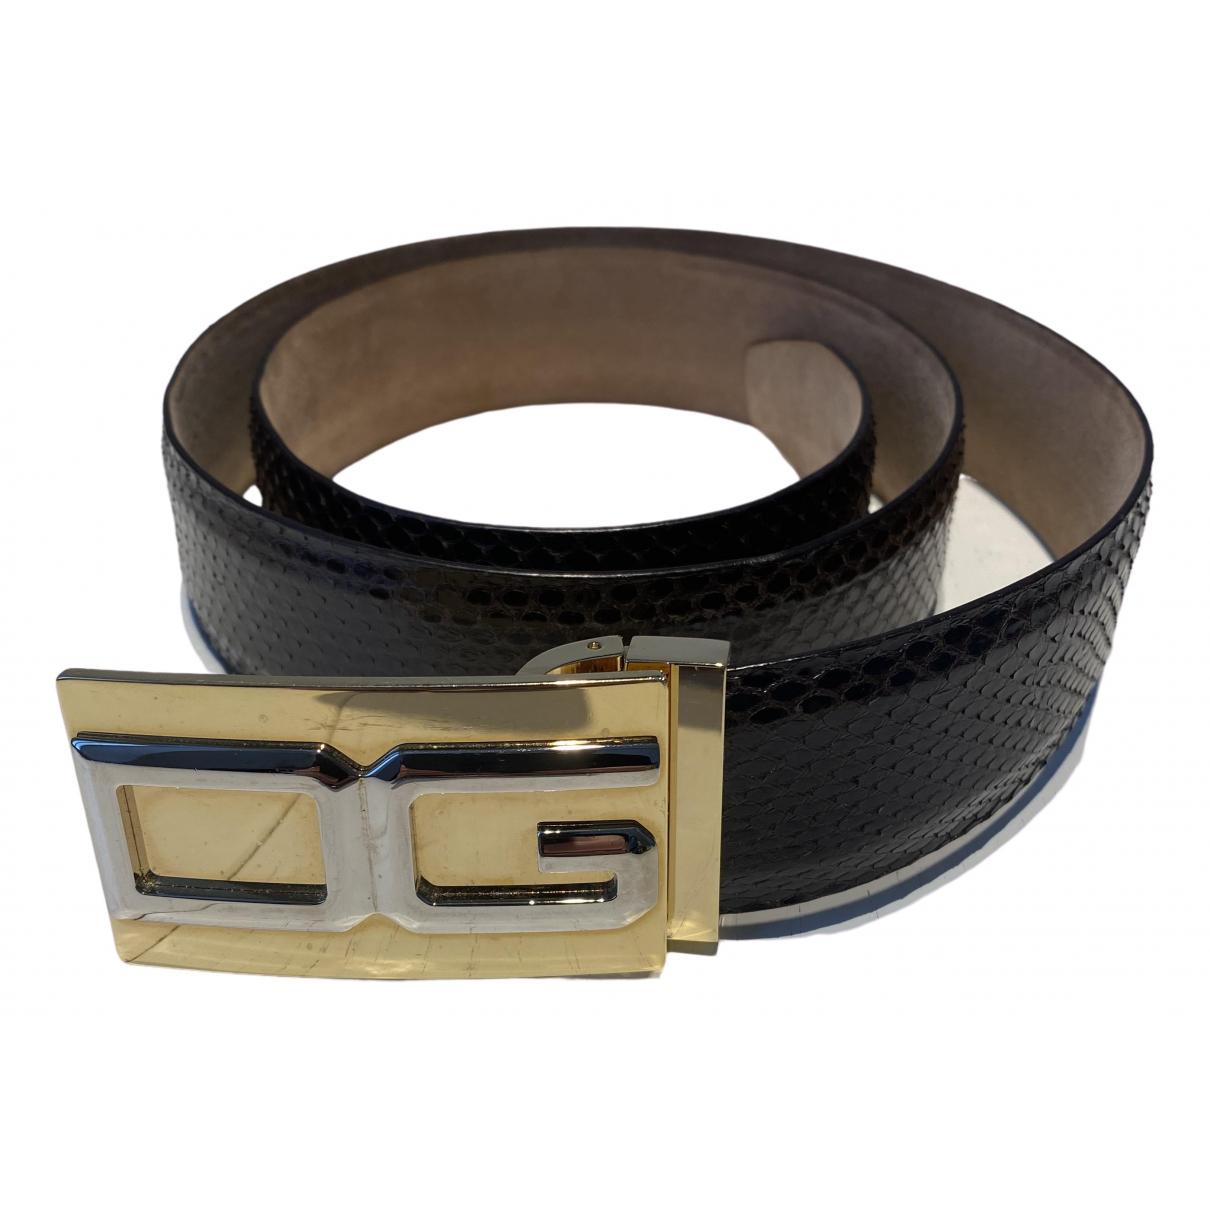 Cinturon Dolce & Gabbana